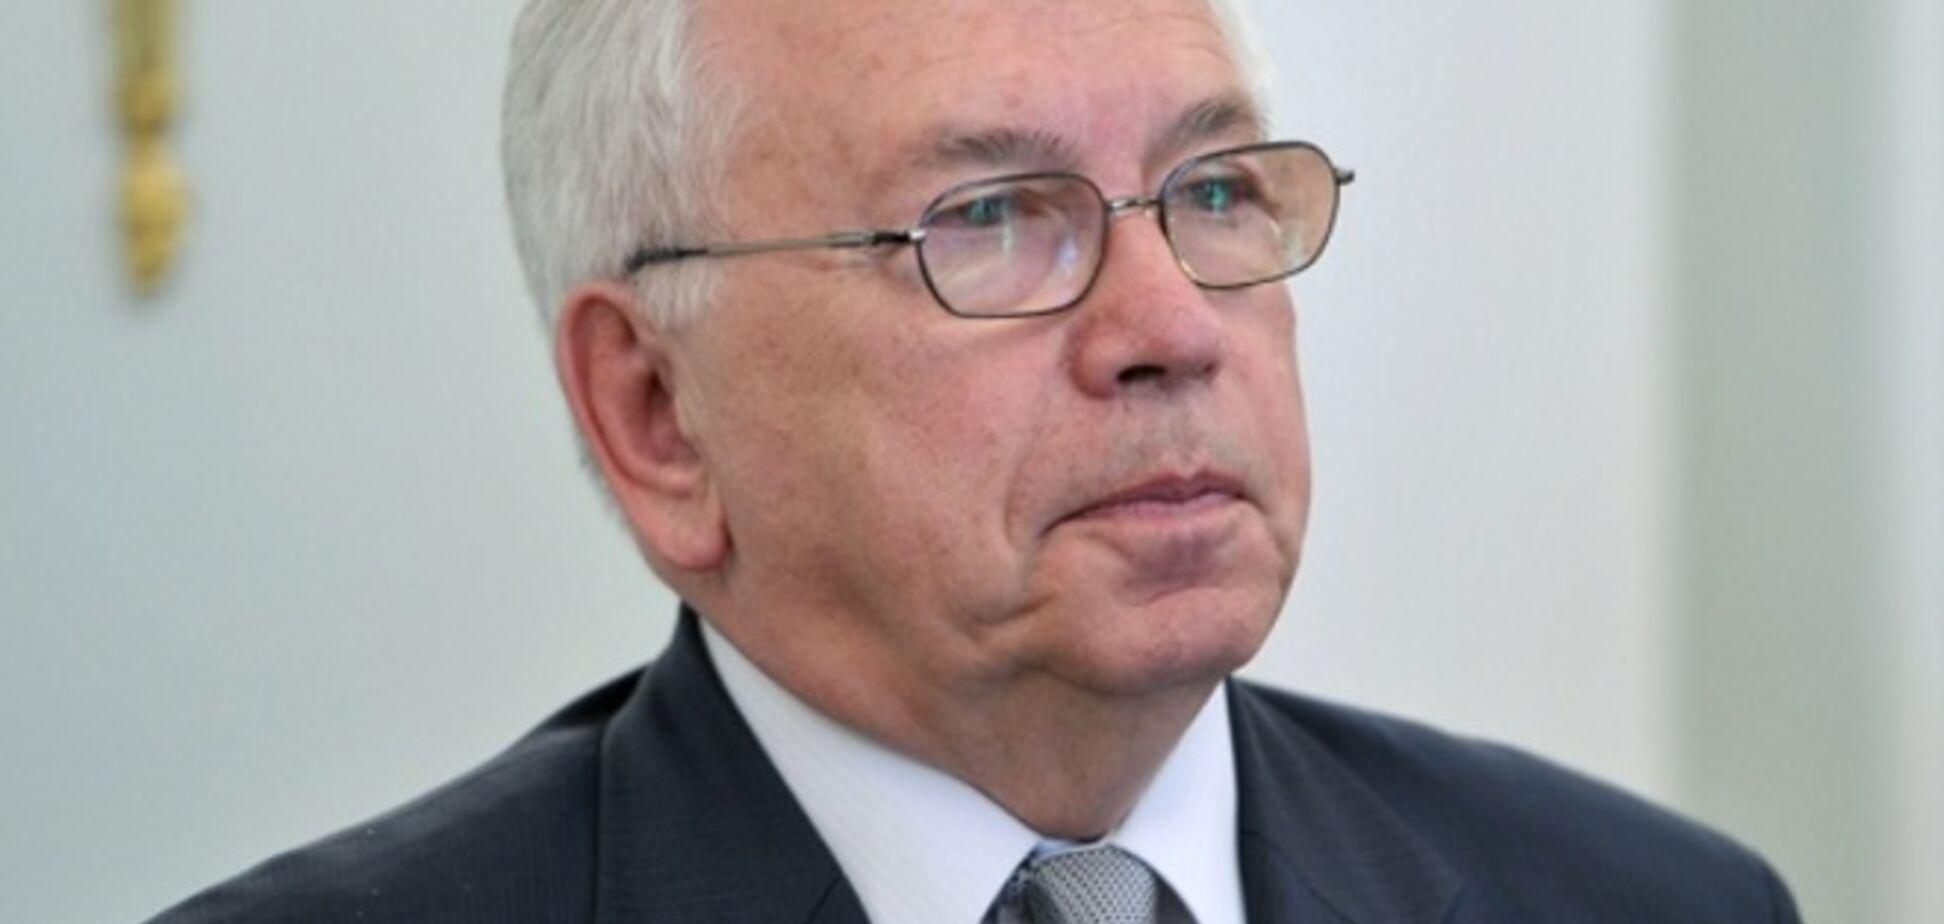 МЗС РФ заявляє, що Лукін може вивезти зі Слов'янська представників ОБСЄ